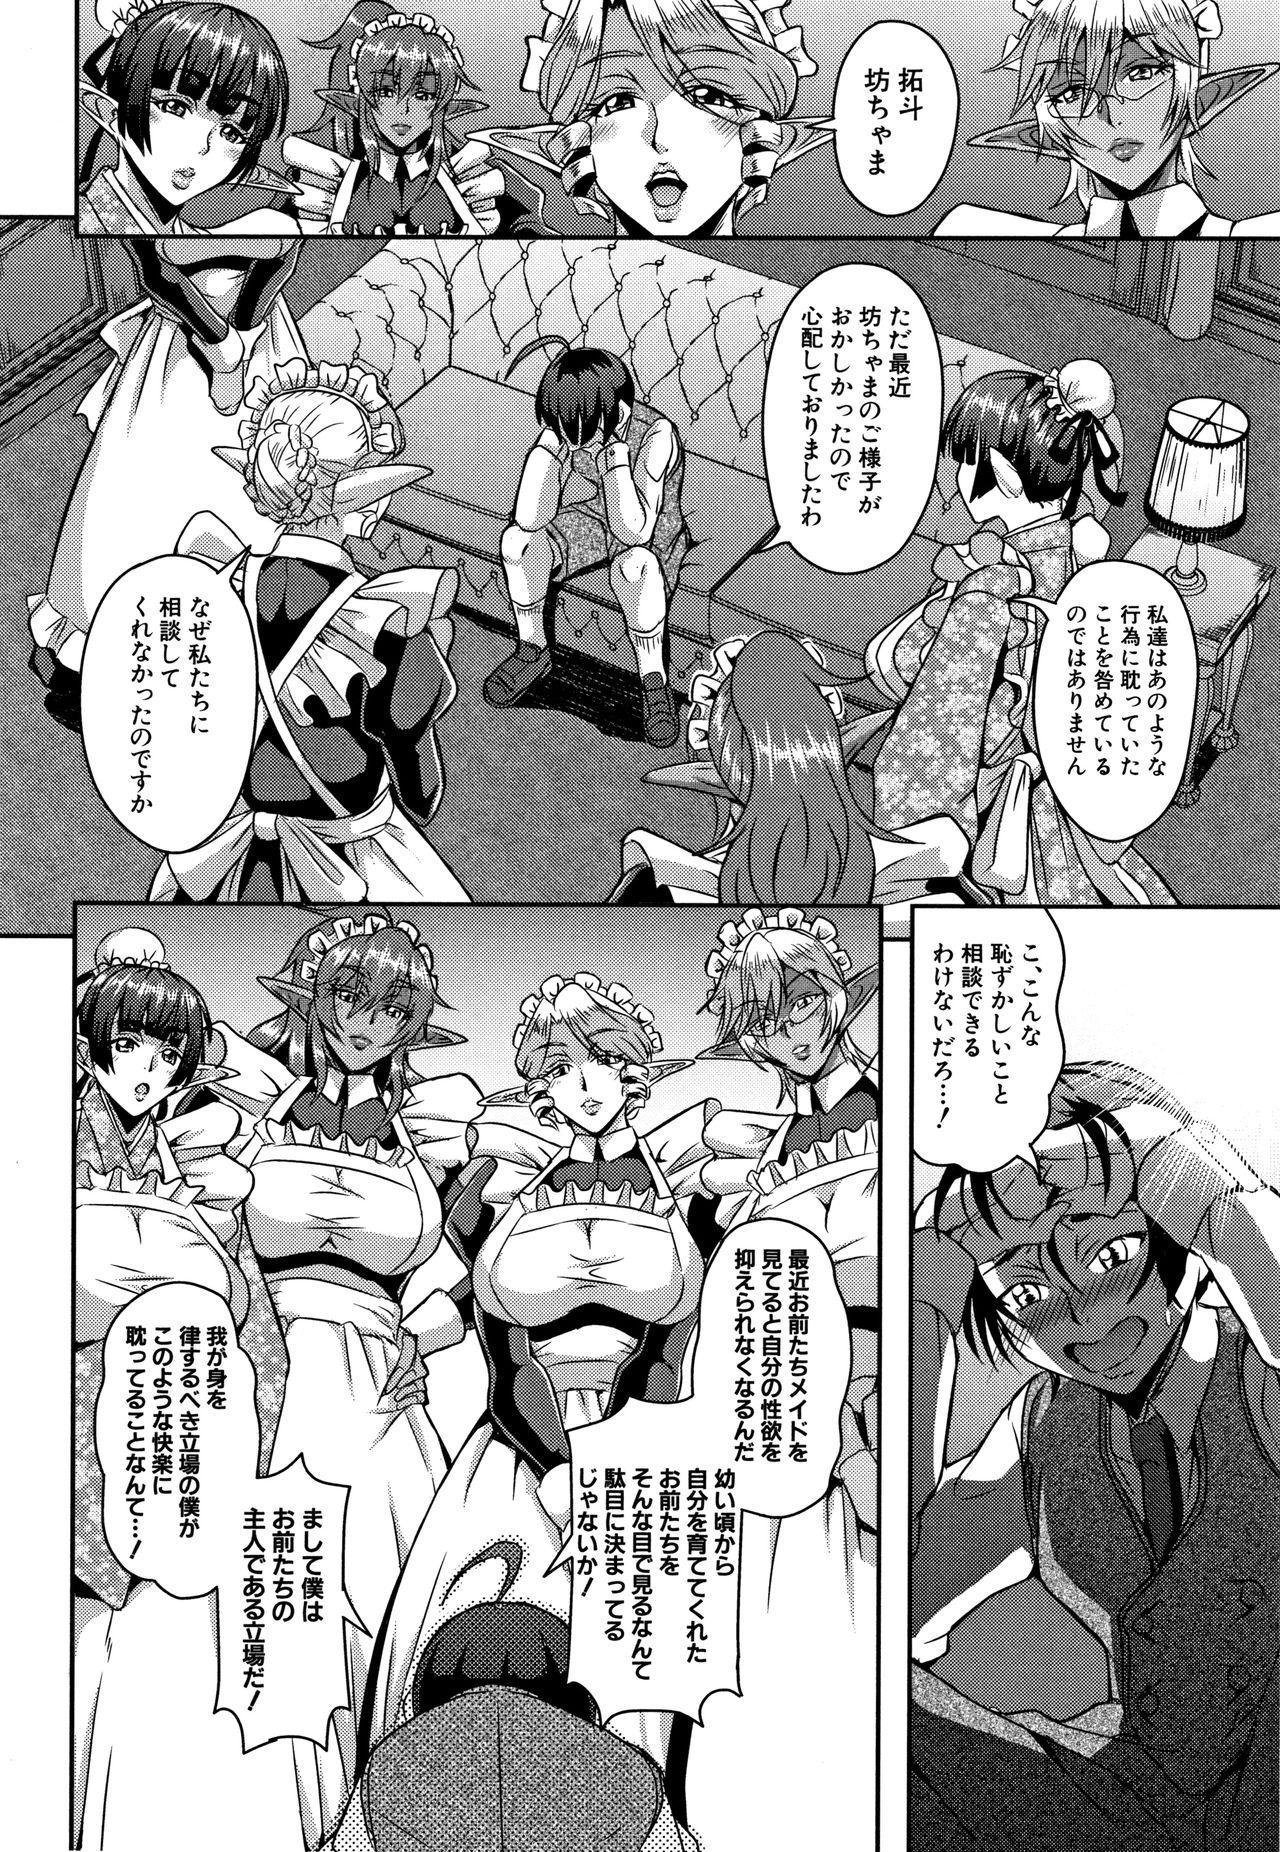 Elf Harem Monogatari - Elf Harem Story 137